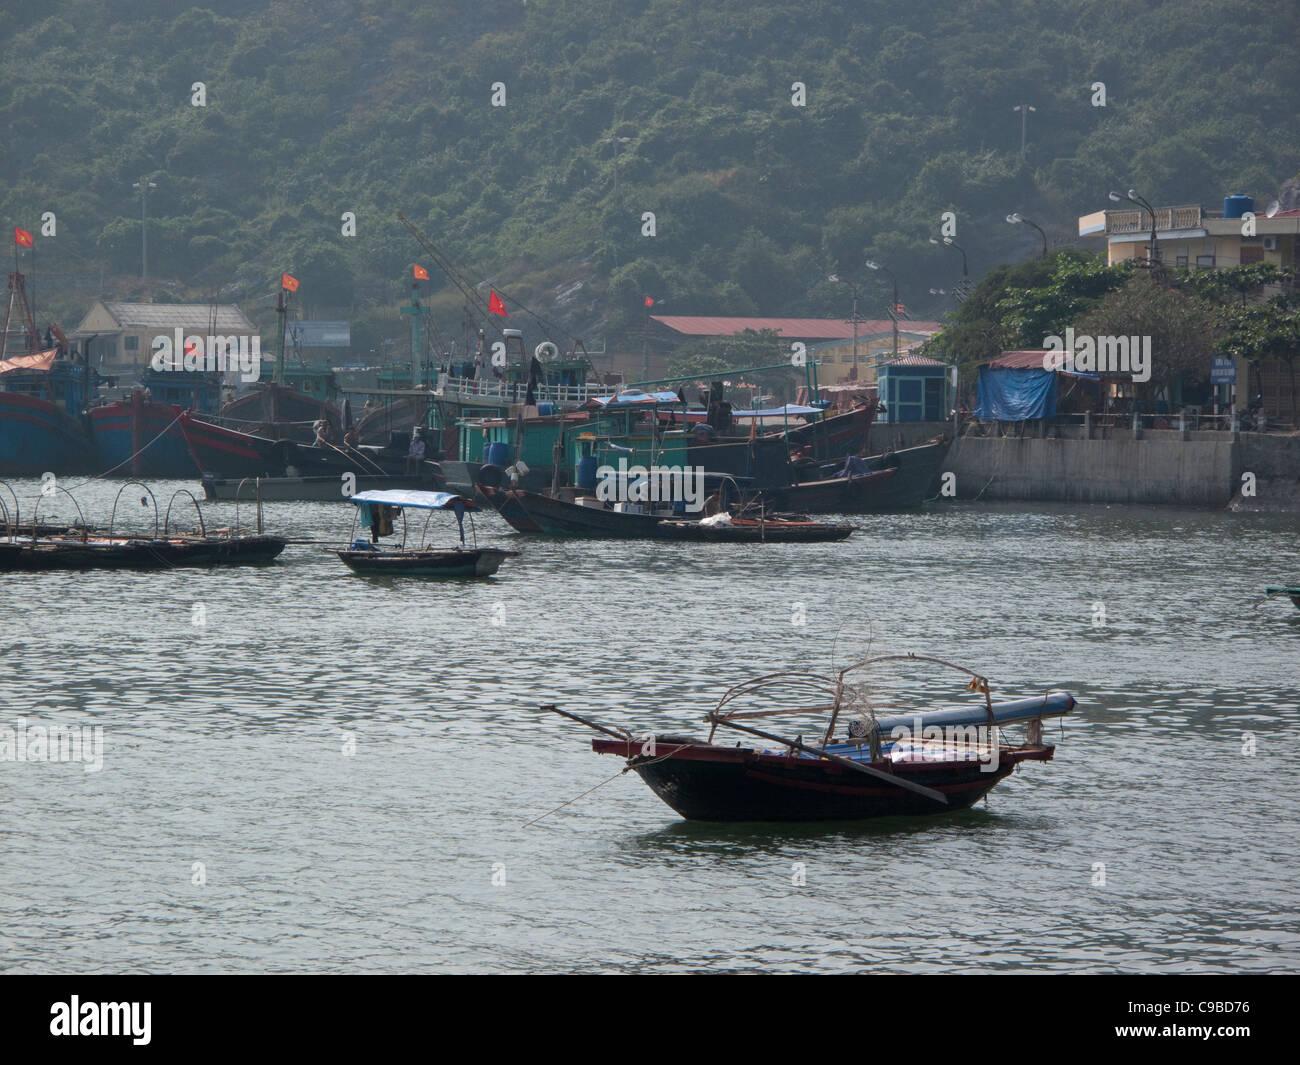 Fishing boats at Halong Bay on the South China Sea, Vietnam - Stock Image